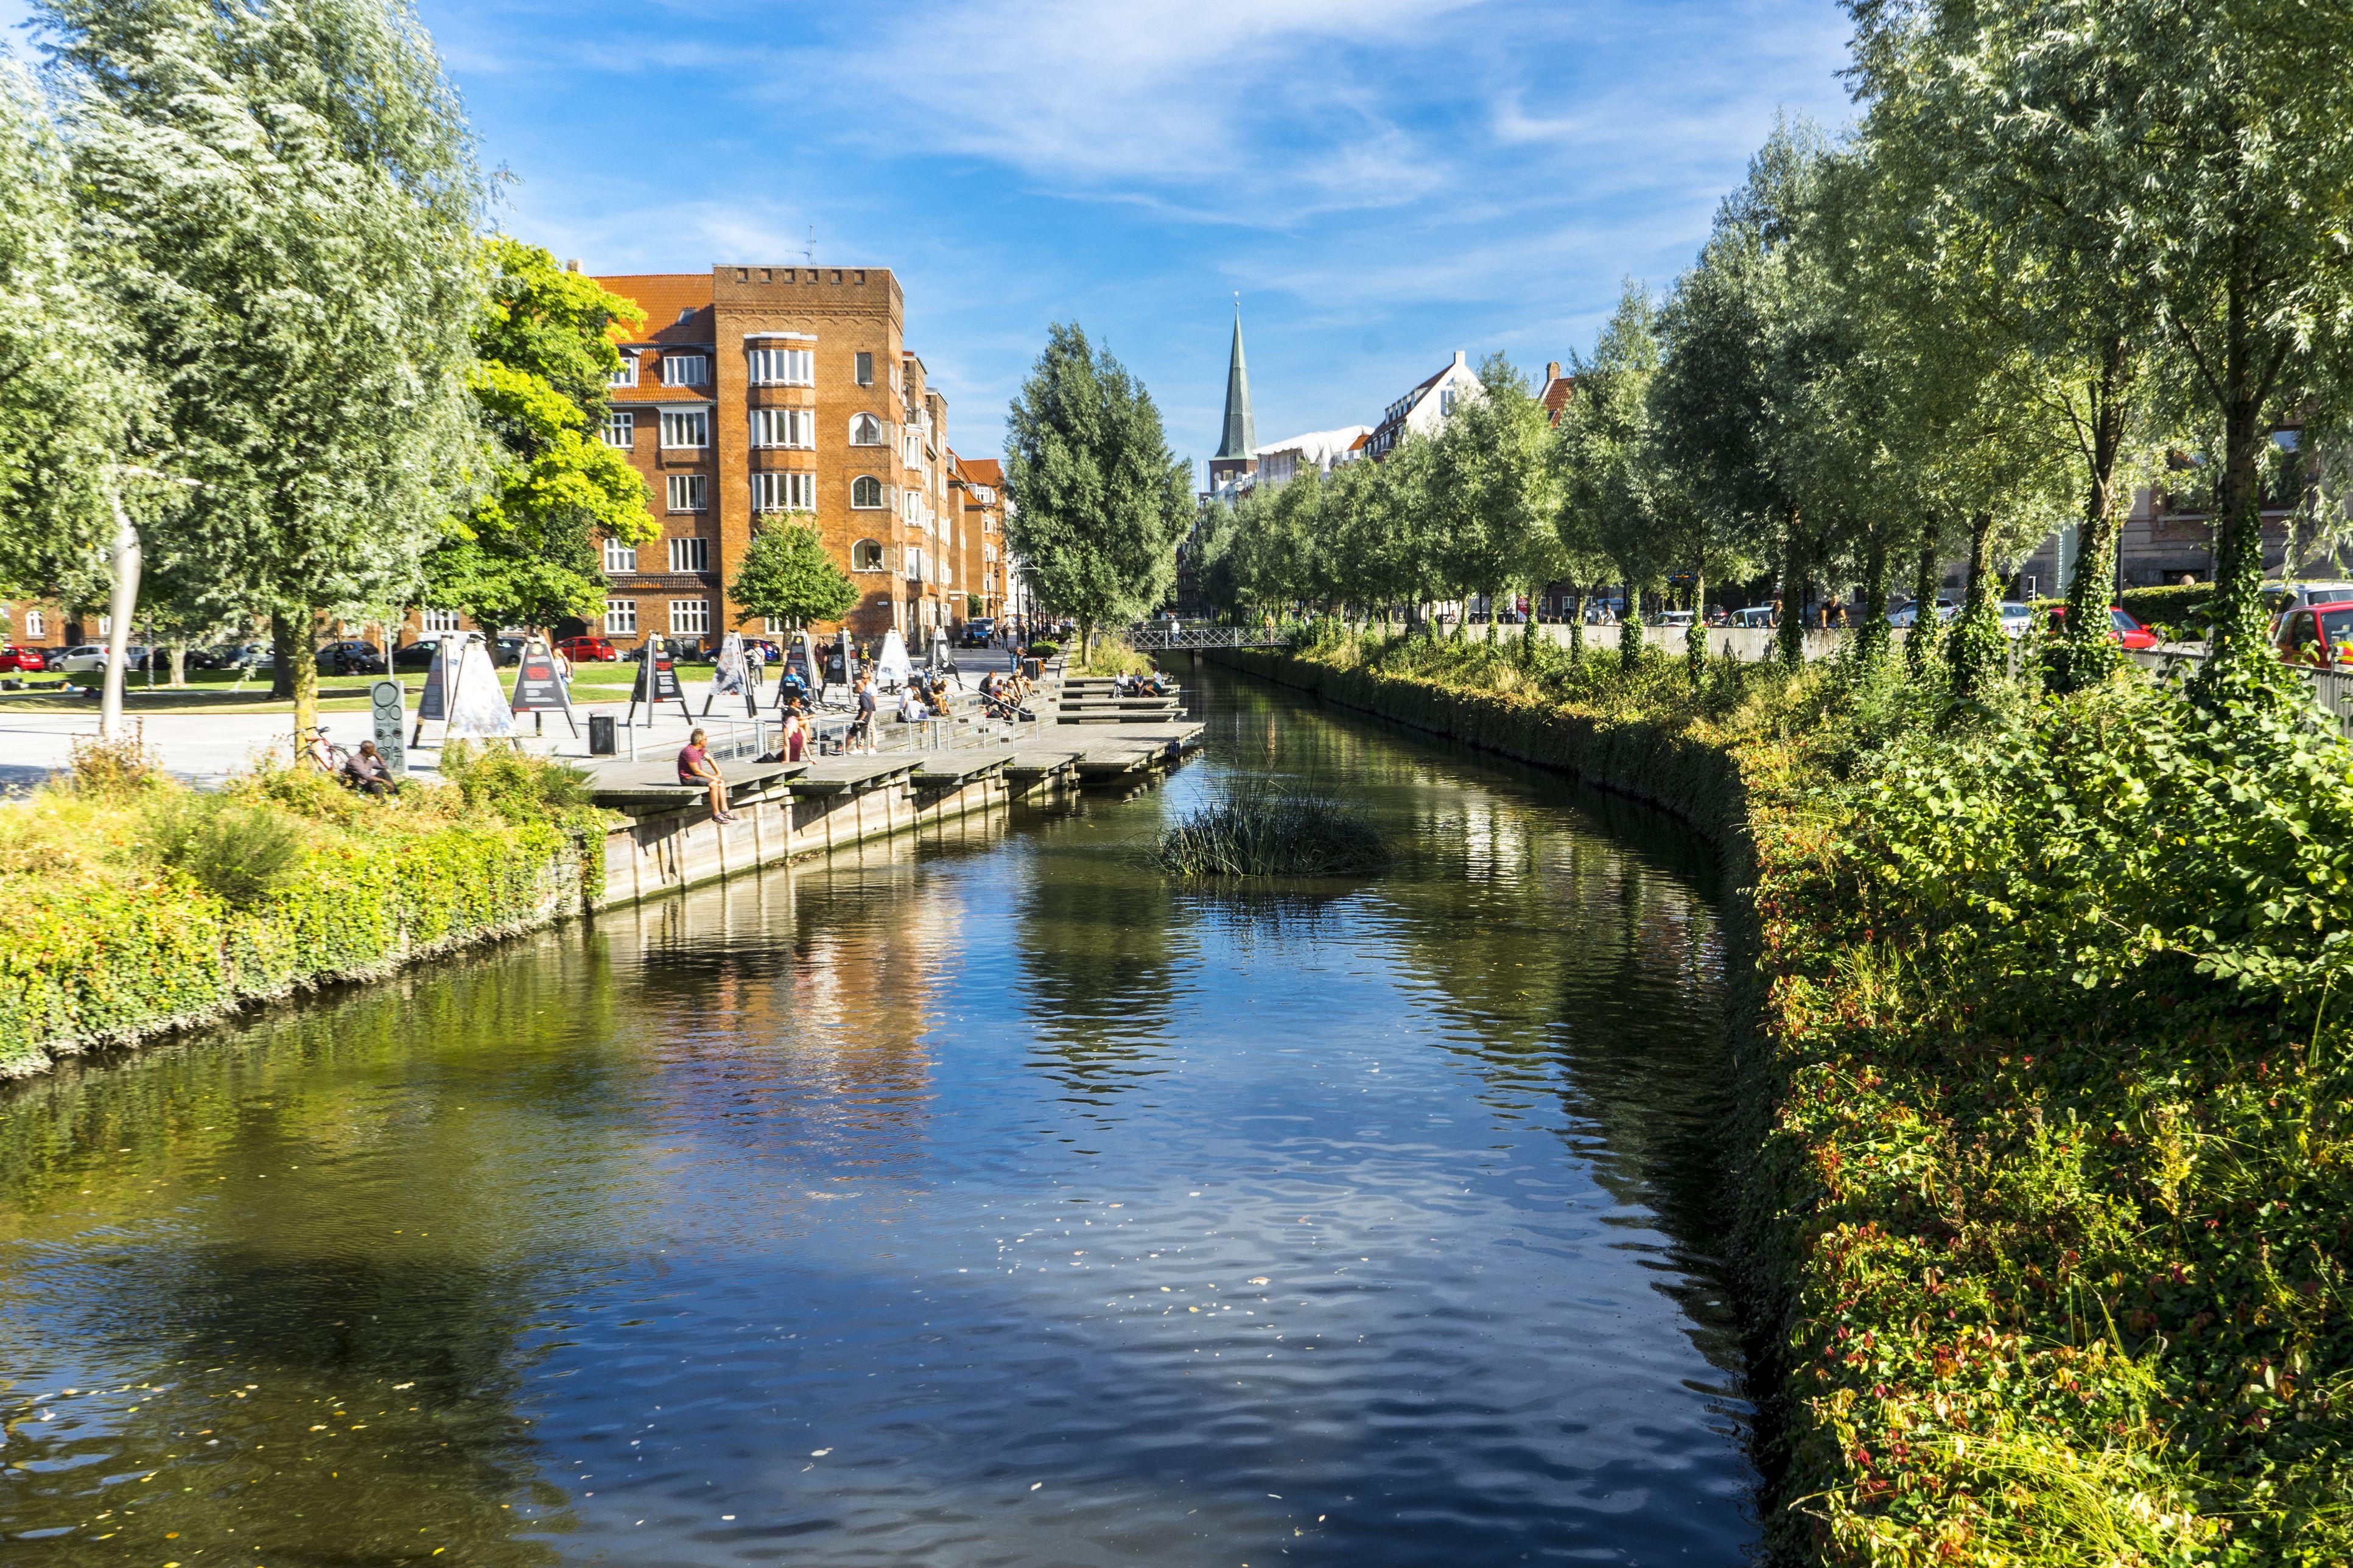 Canal in Aarhus, Denmark